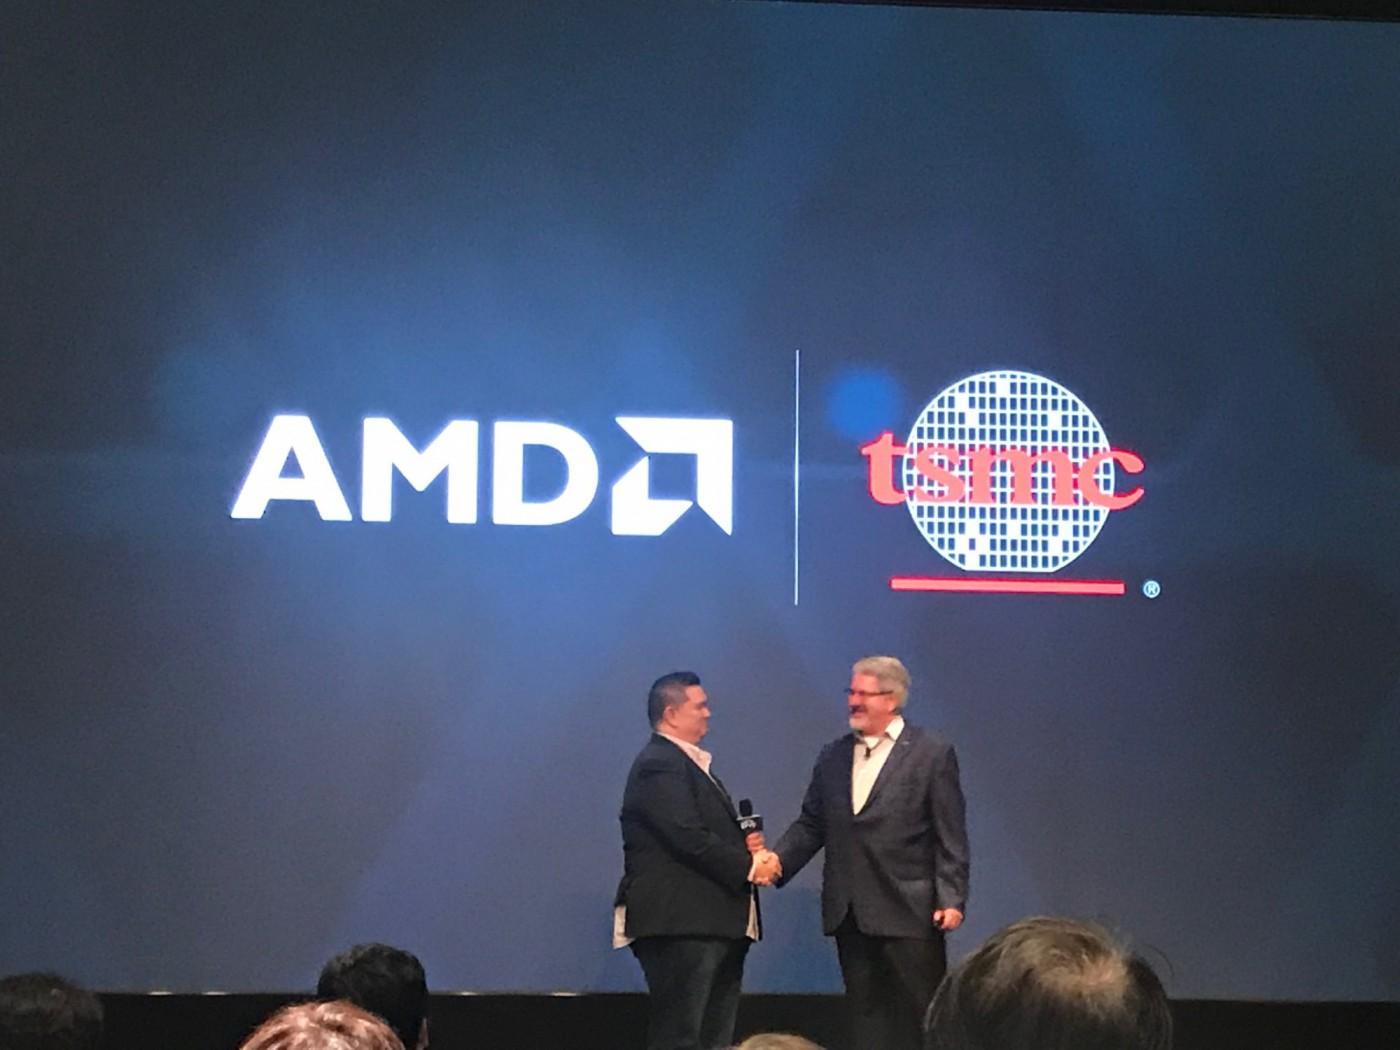 台積電、三大雲端客戶到齊!為何說AMD處理器領先Intel一年,蘇姿丰會攻破藍色長城嗎?